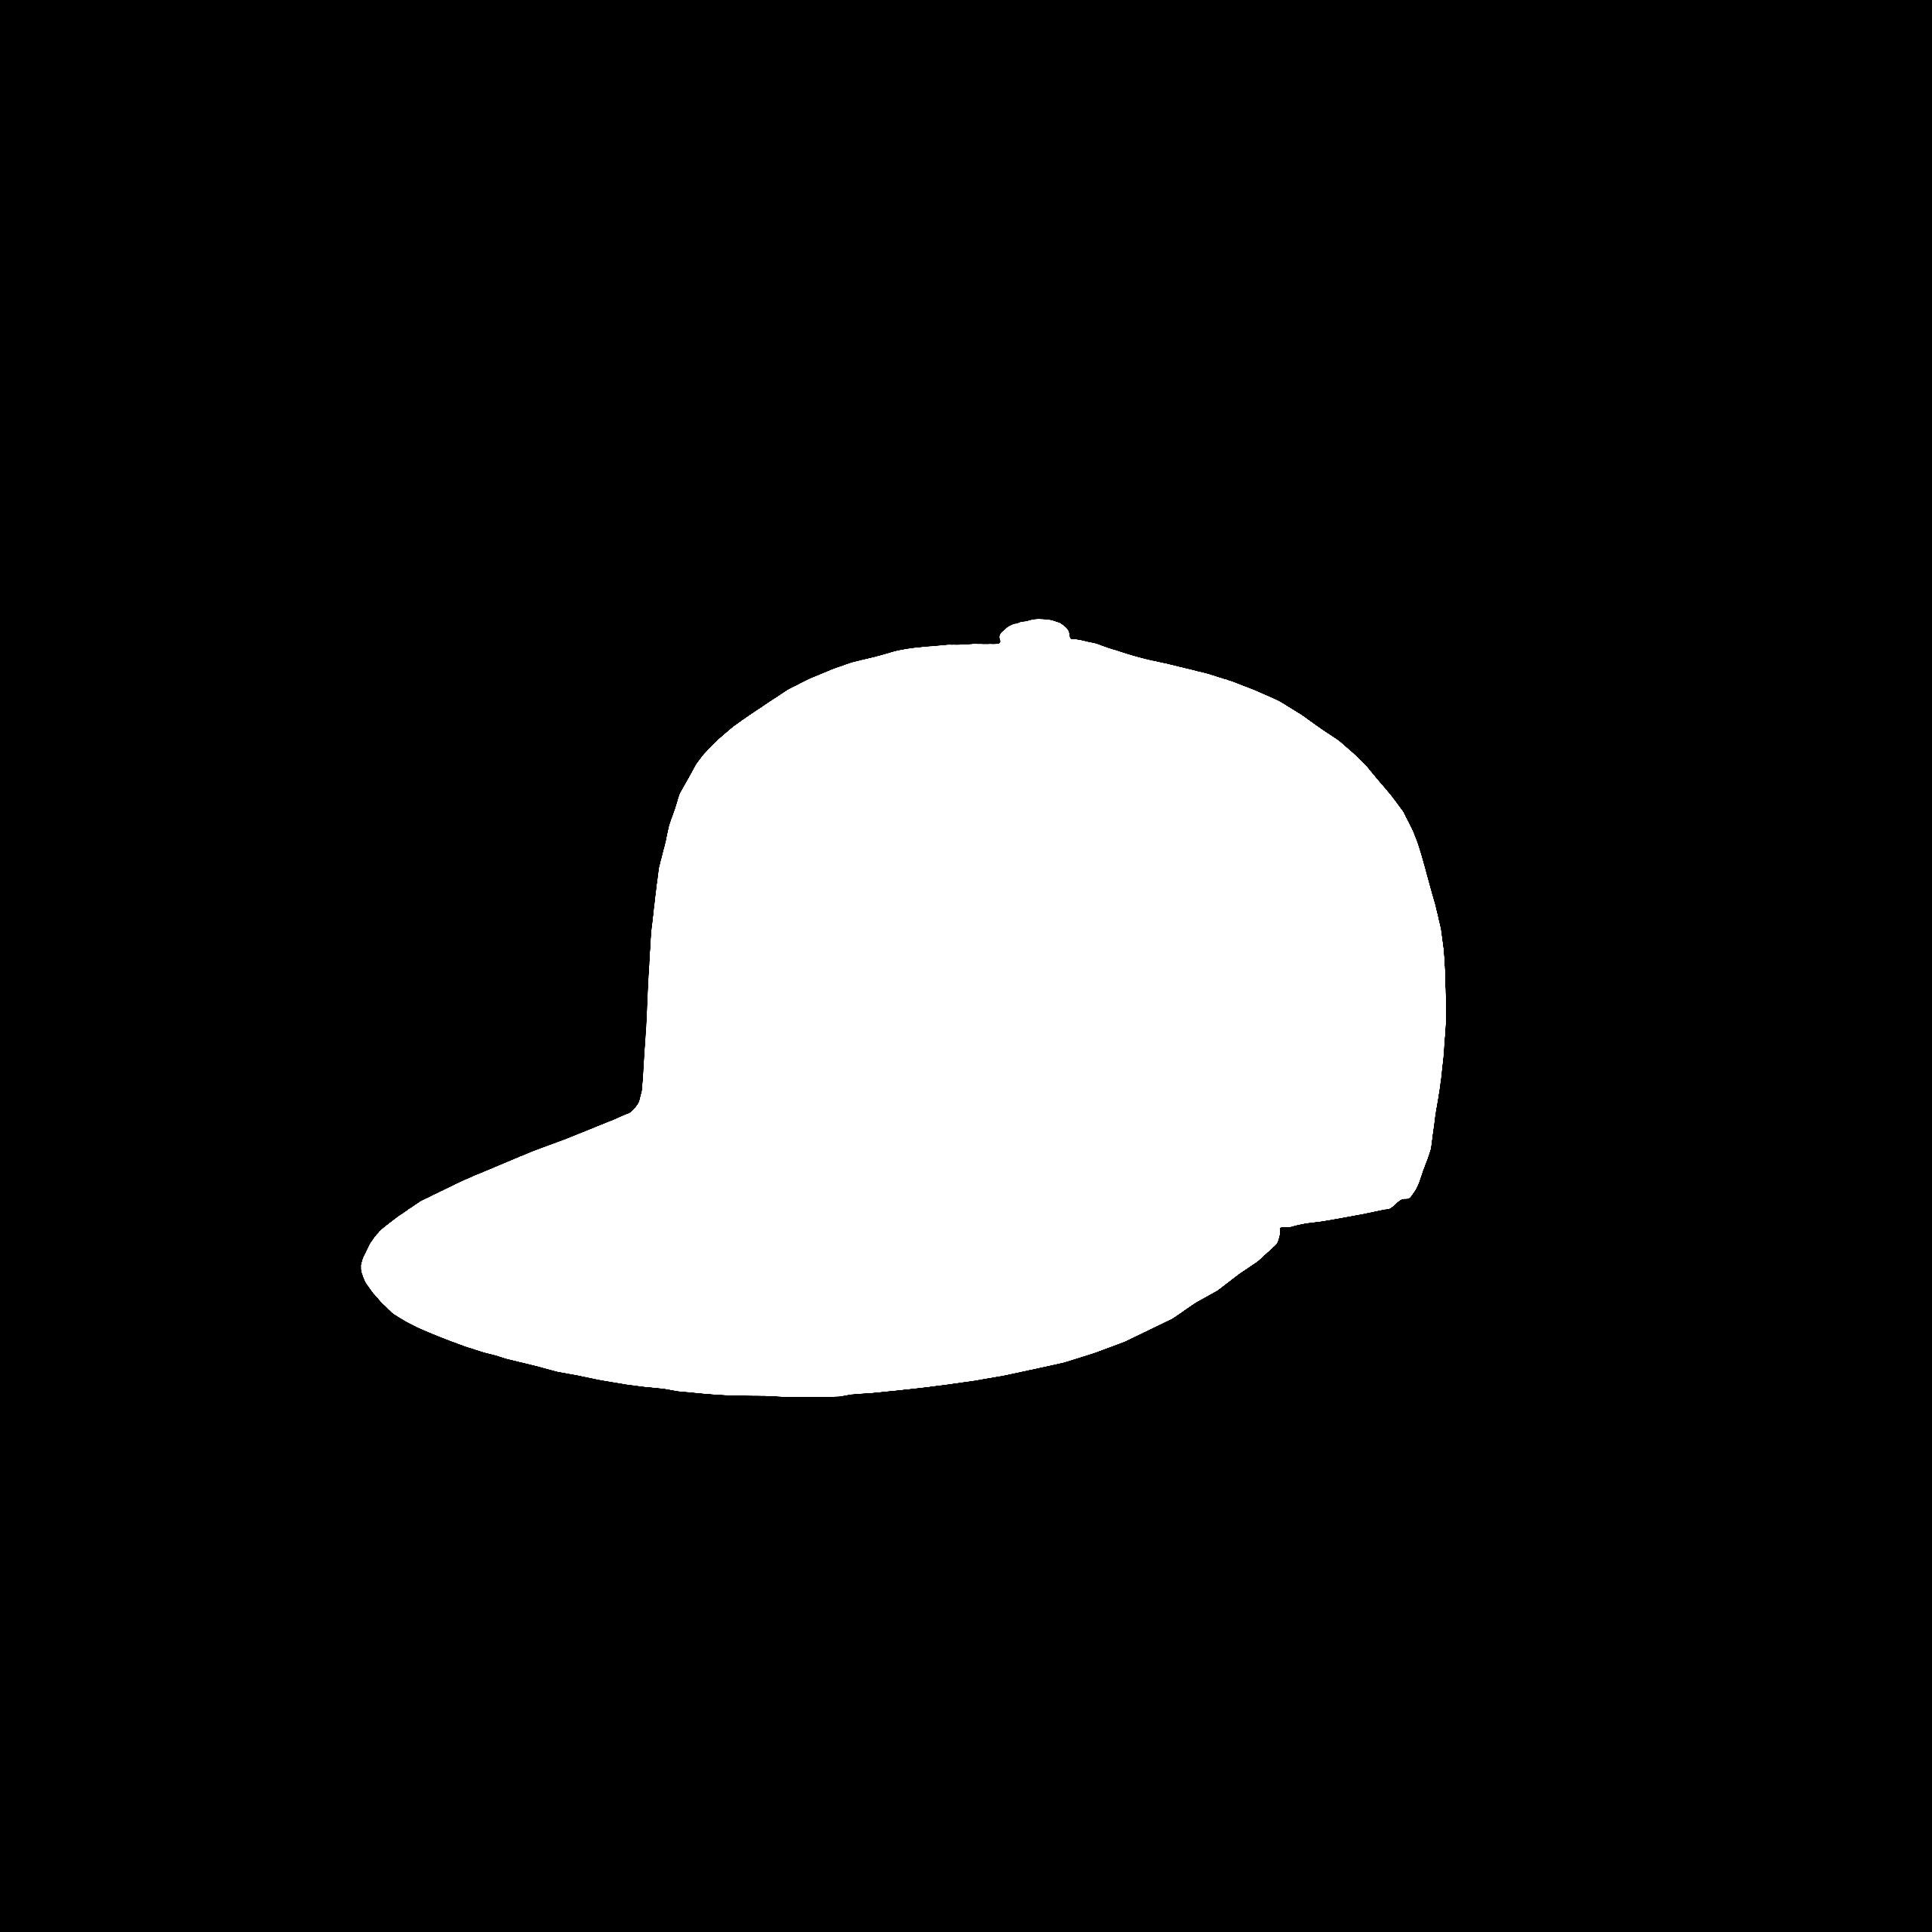 Uvsc7ojzr3259joozqj4_baseball-hat-clipart